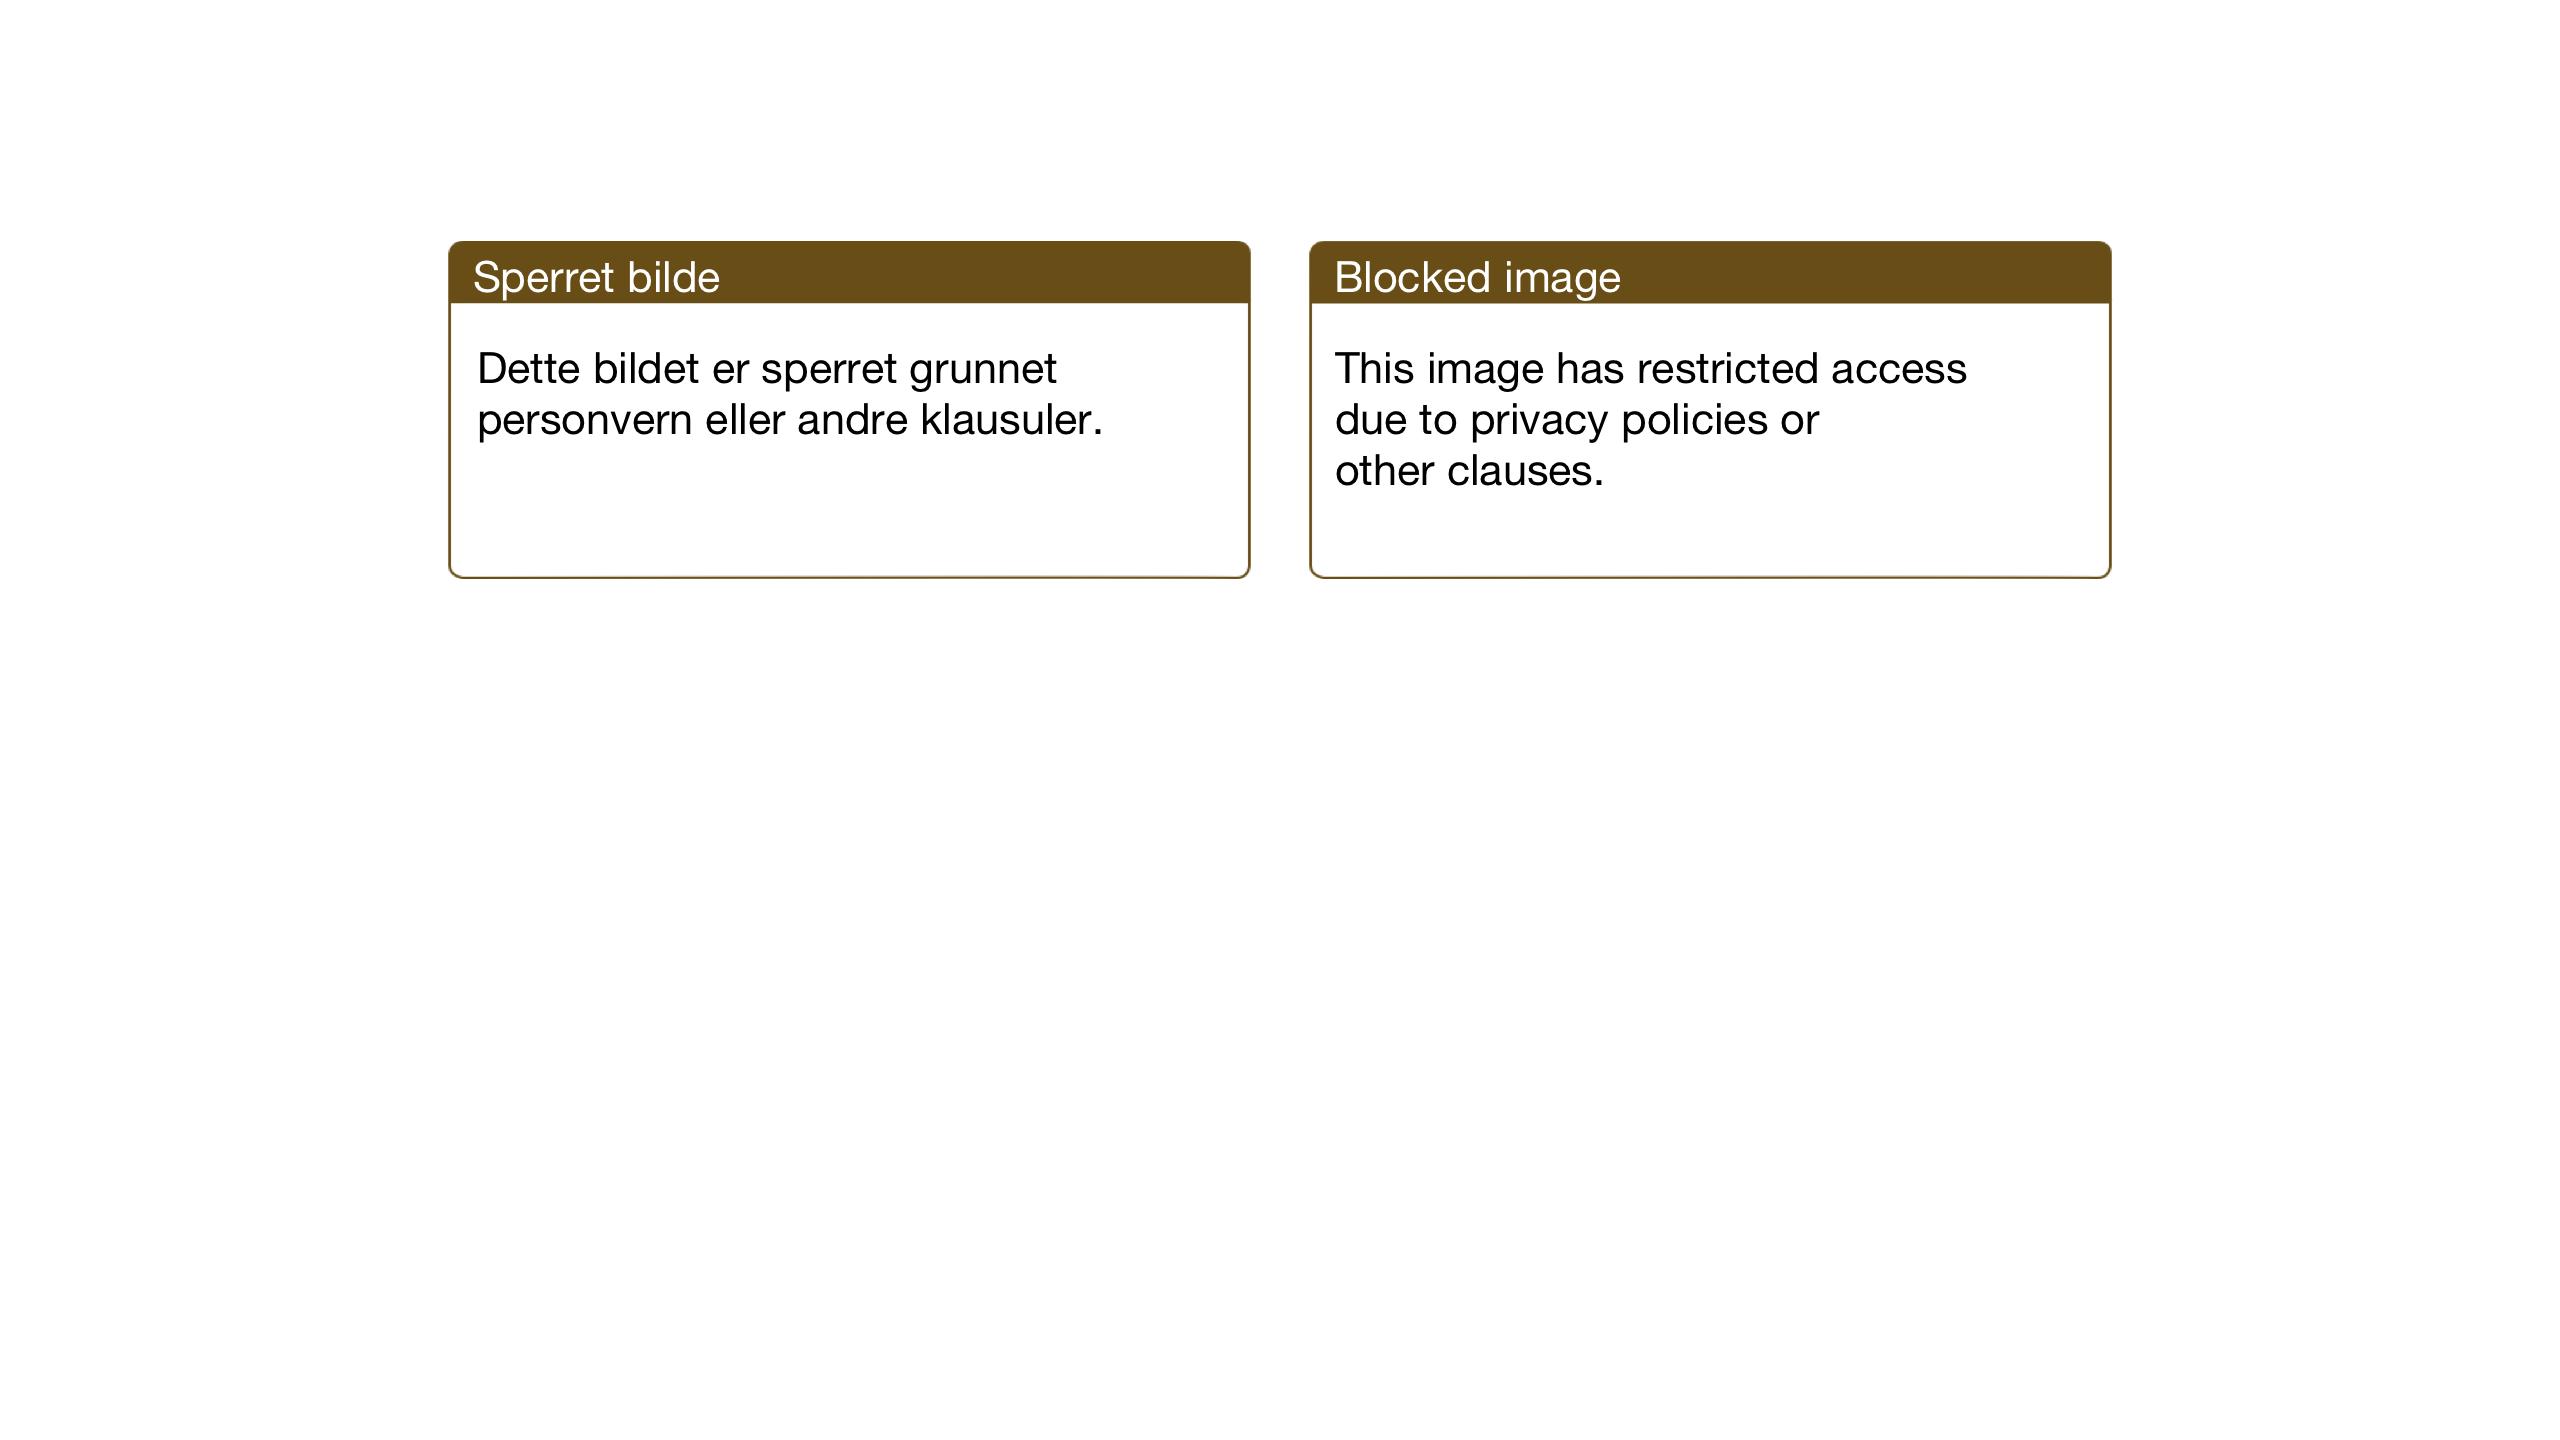 SAT, Ministerialprotokoller, klokkerbøker og fødselsregistre - Nord-Trøndelag, 770/L0592: Klokkerbok nr. 770C03, 1941-1950, s. 49